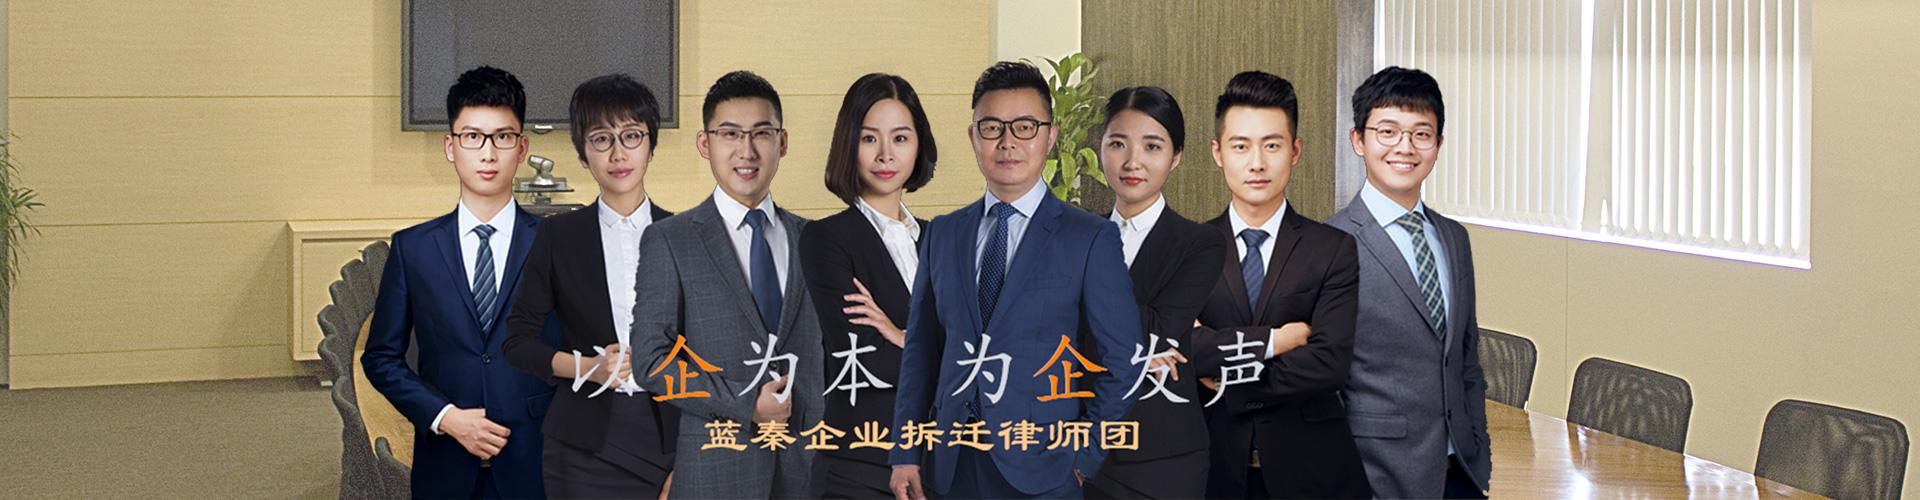 北京孟文静律师